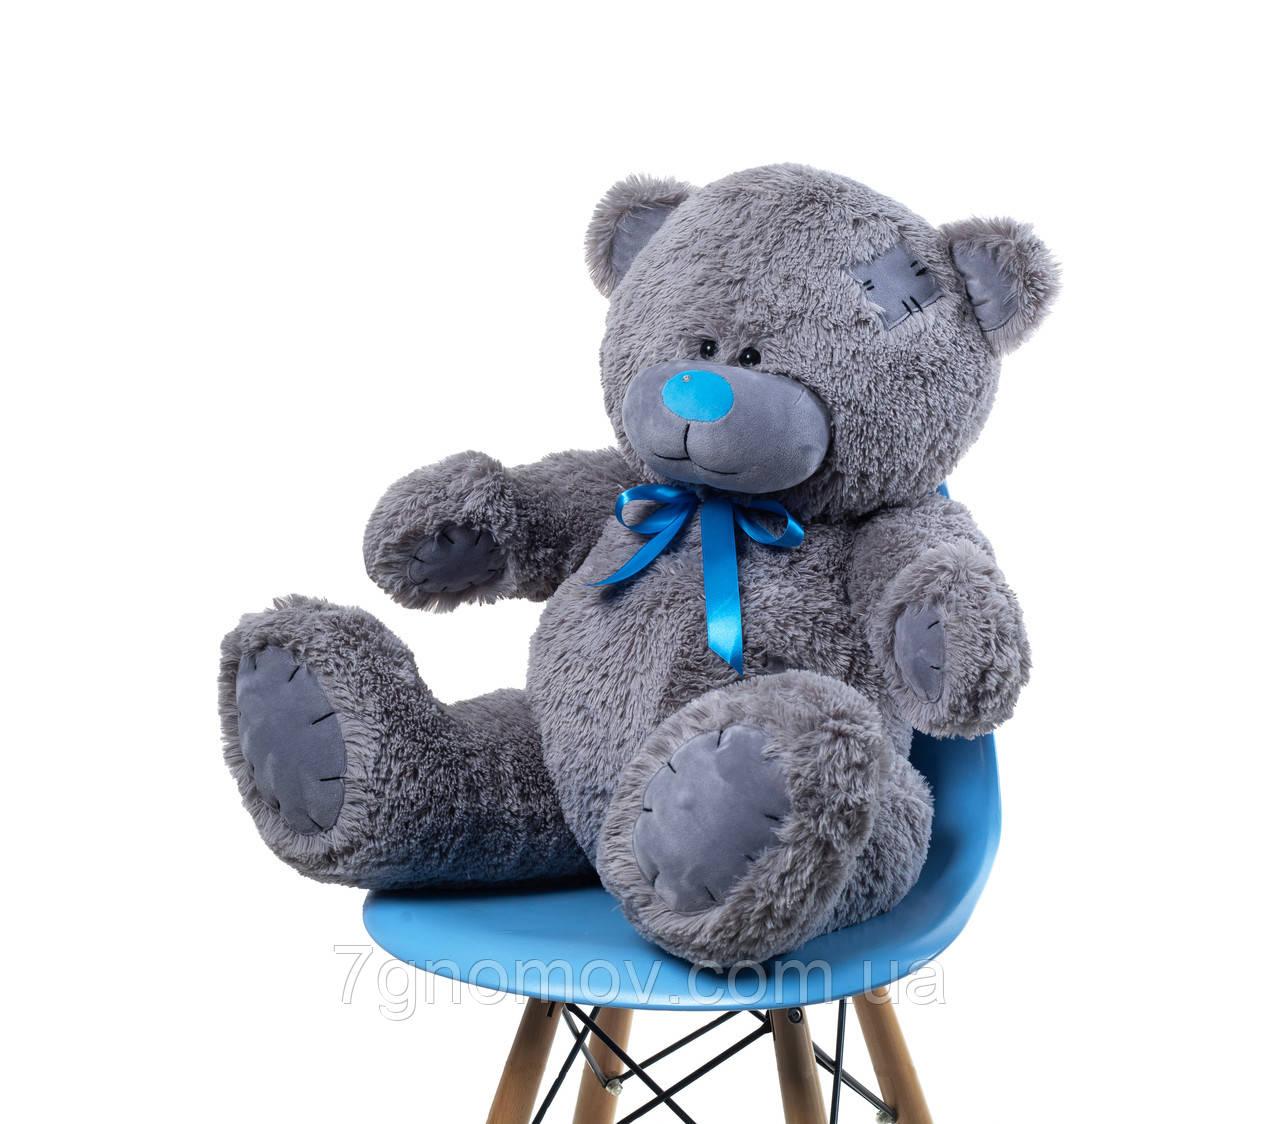 Медведь плюшевый серый Me to You 110 см